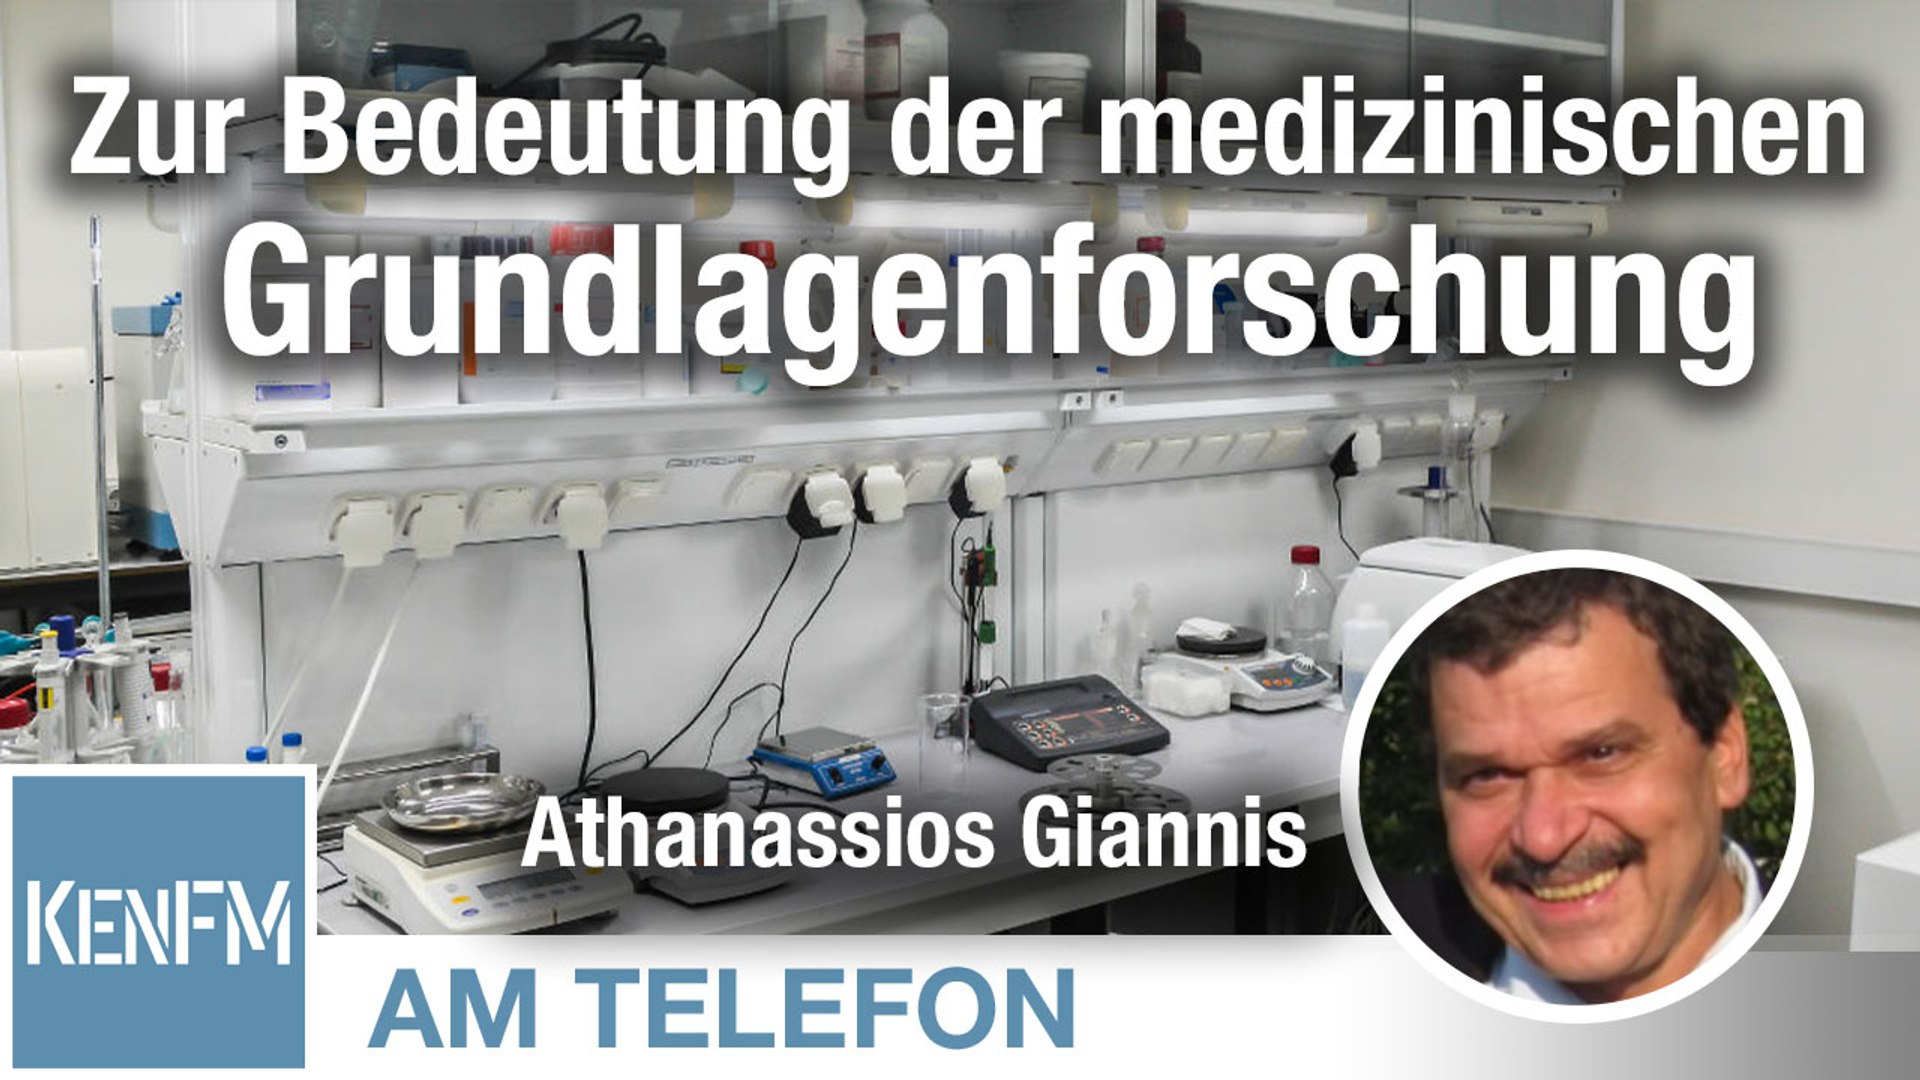 Am Telefon zur Bedeutung der medizinischen Grundlagenforschung: Athanassios Giannis